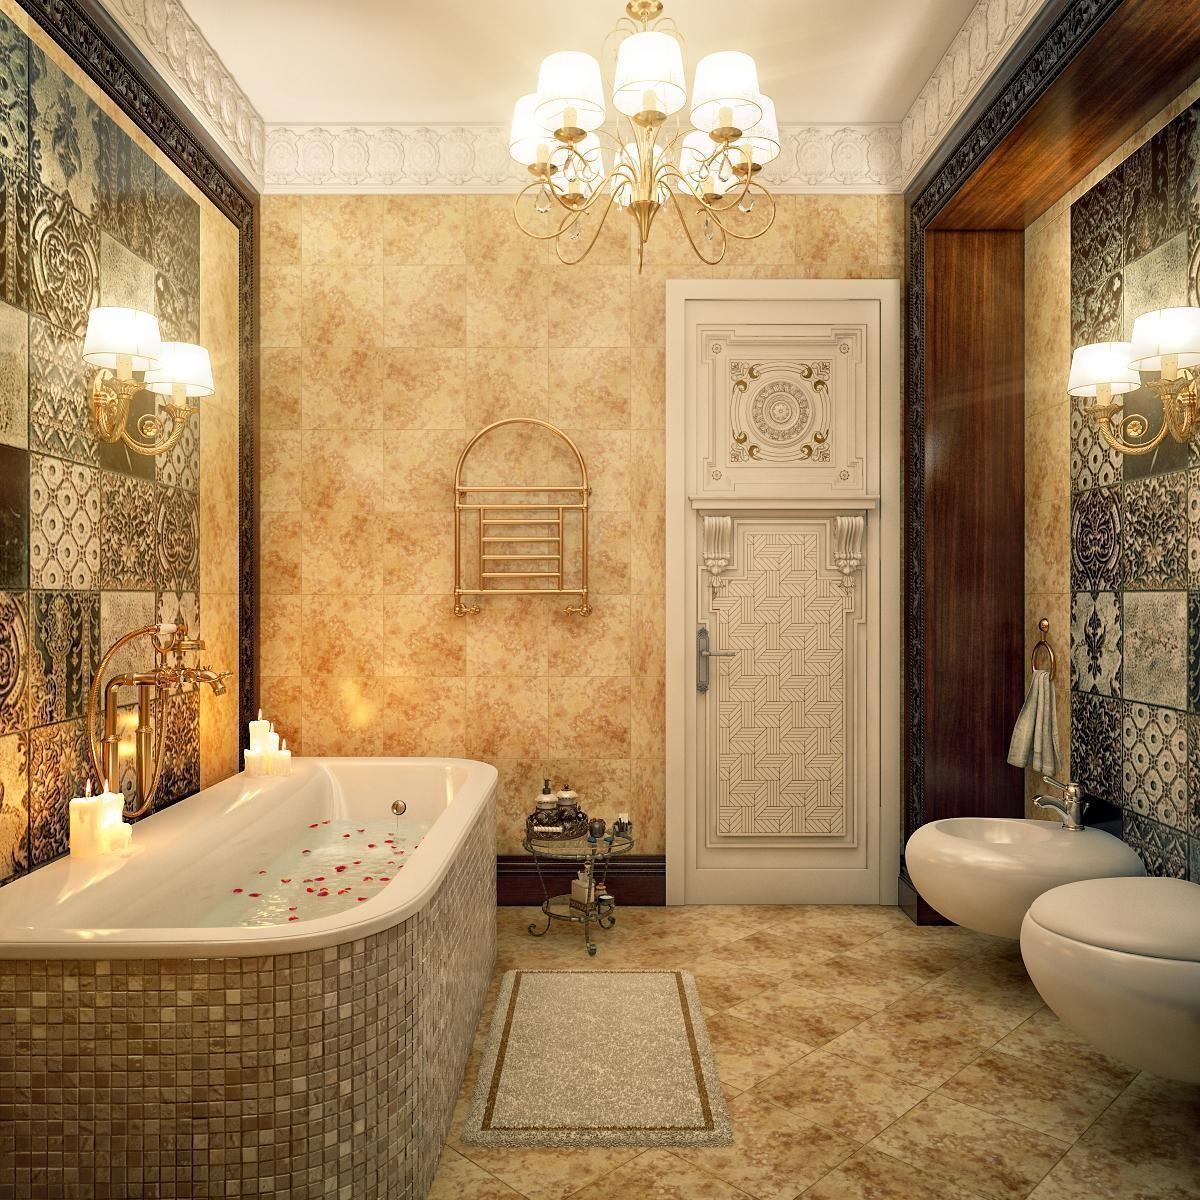 Thiết kế phòng WC theo phong cách châu Âu cổ điển